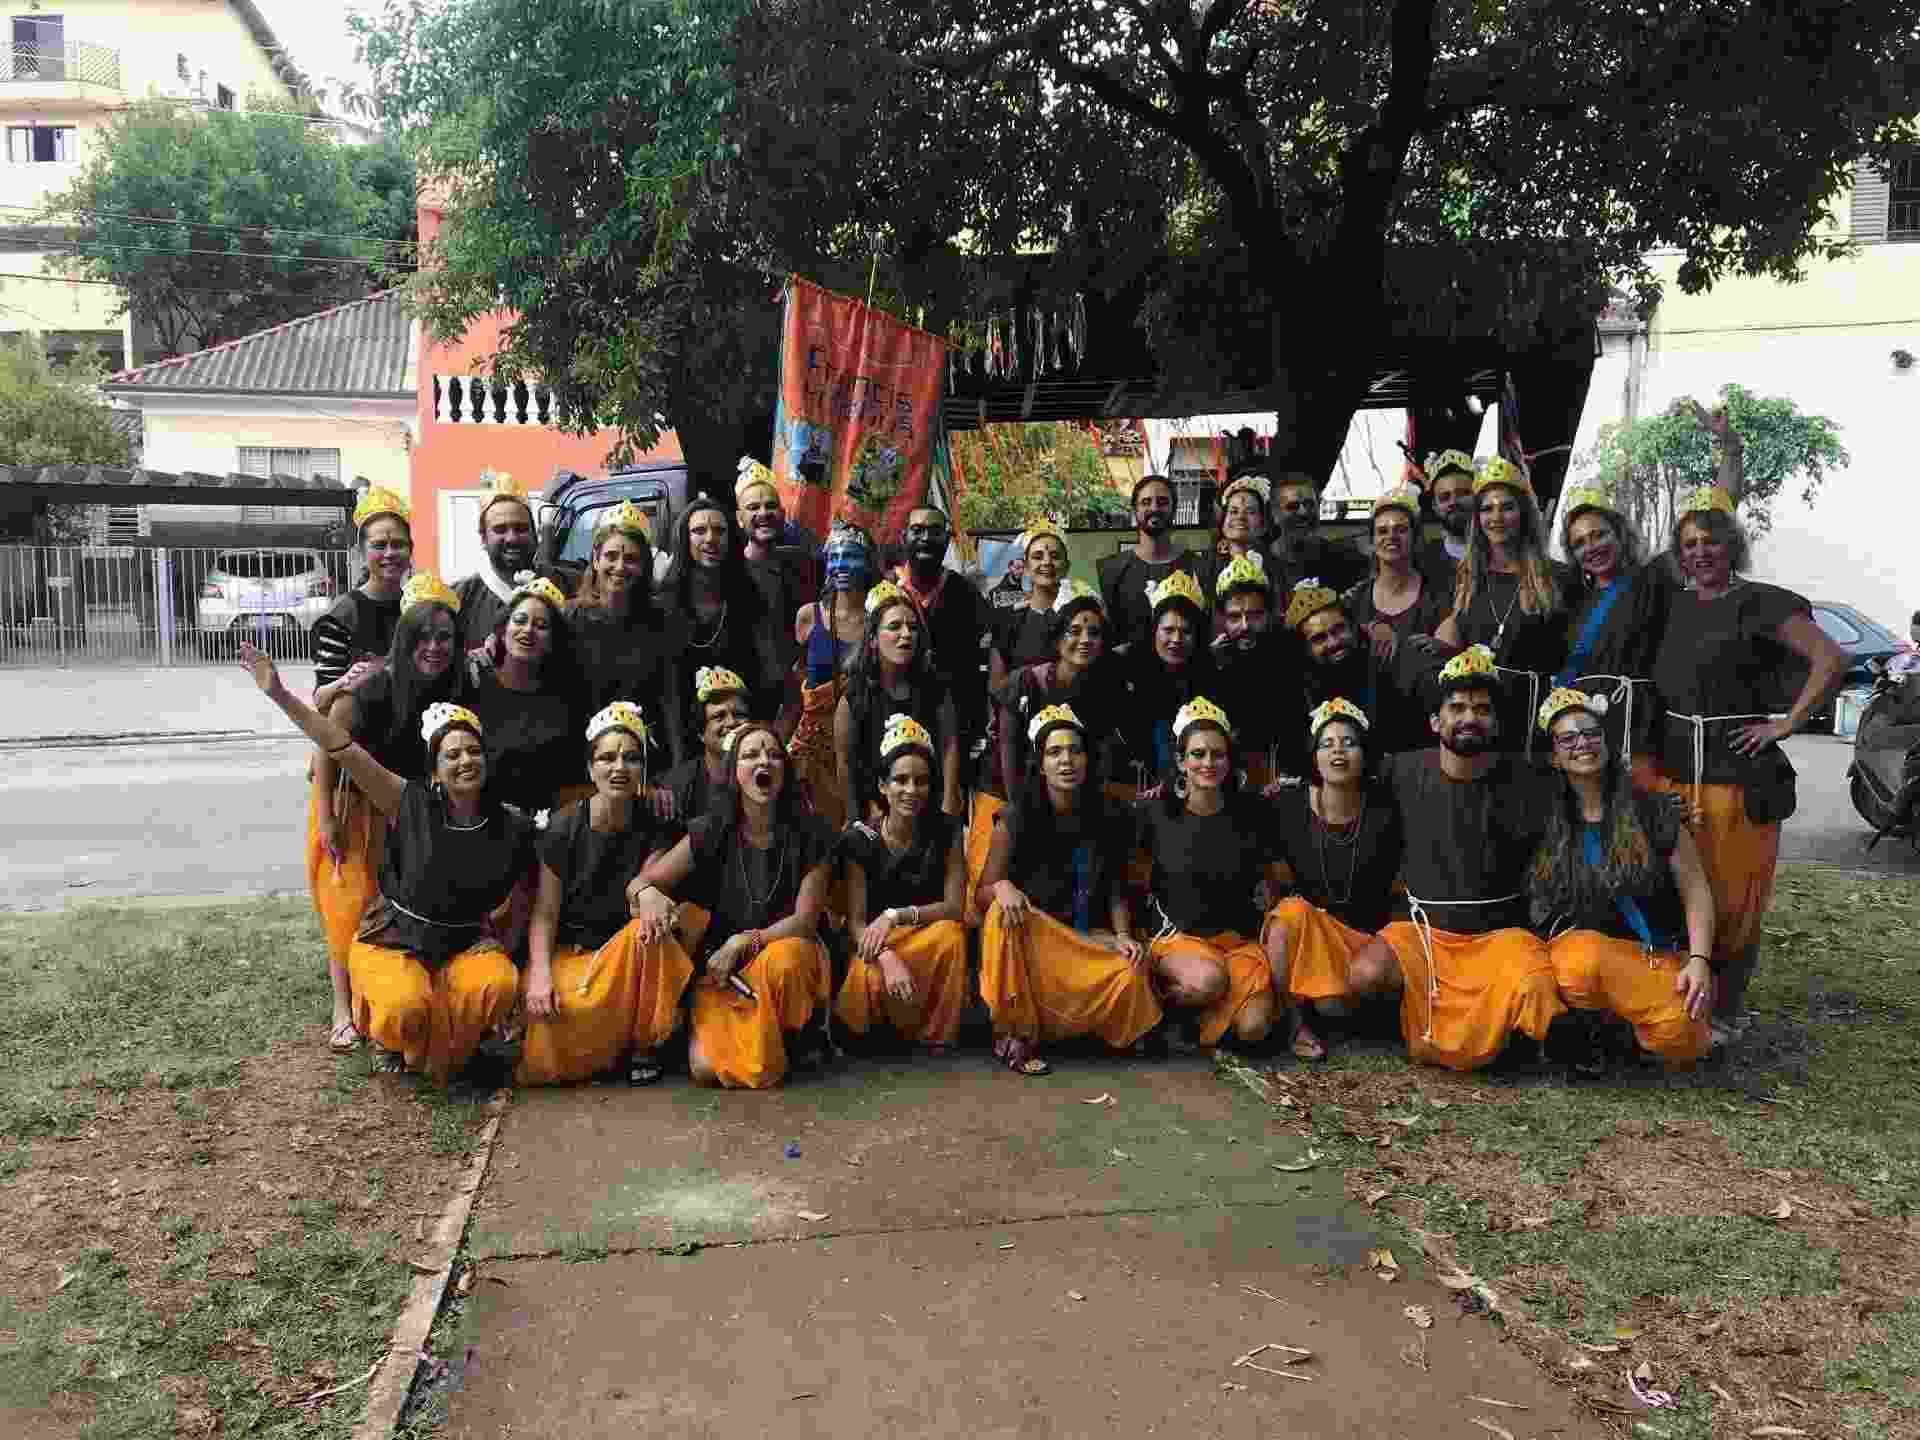 Bloco FrancisKryshna, em homenagem a São Francisco de Assis e Krishna, desfila na praça Rio de Campos, em São Paulo - Felipe Branco Cruz/UOL